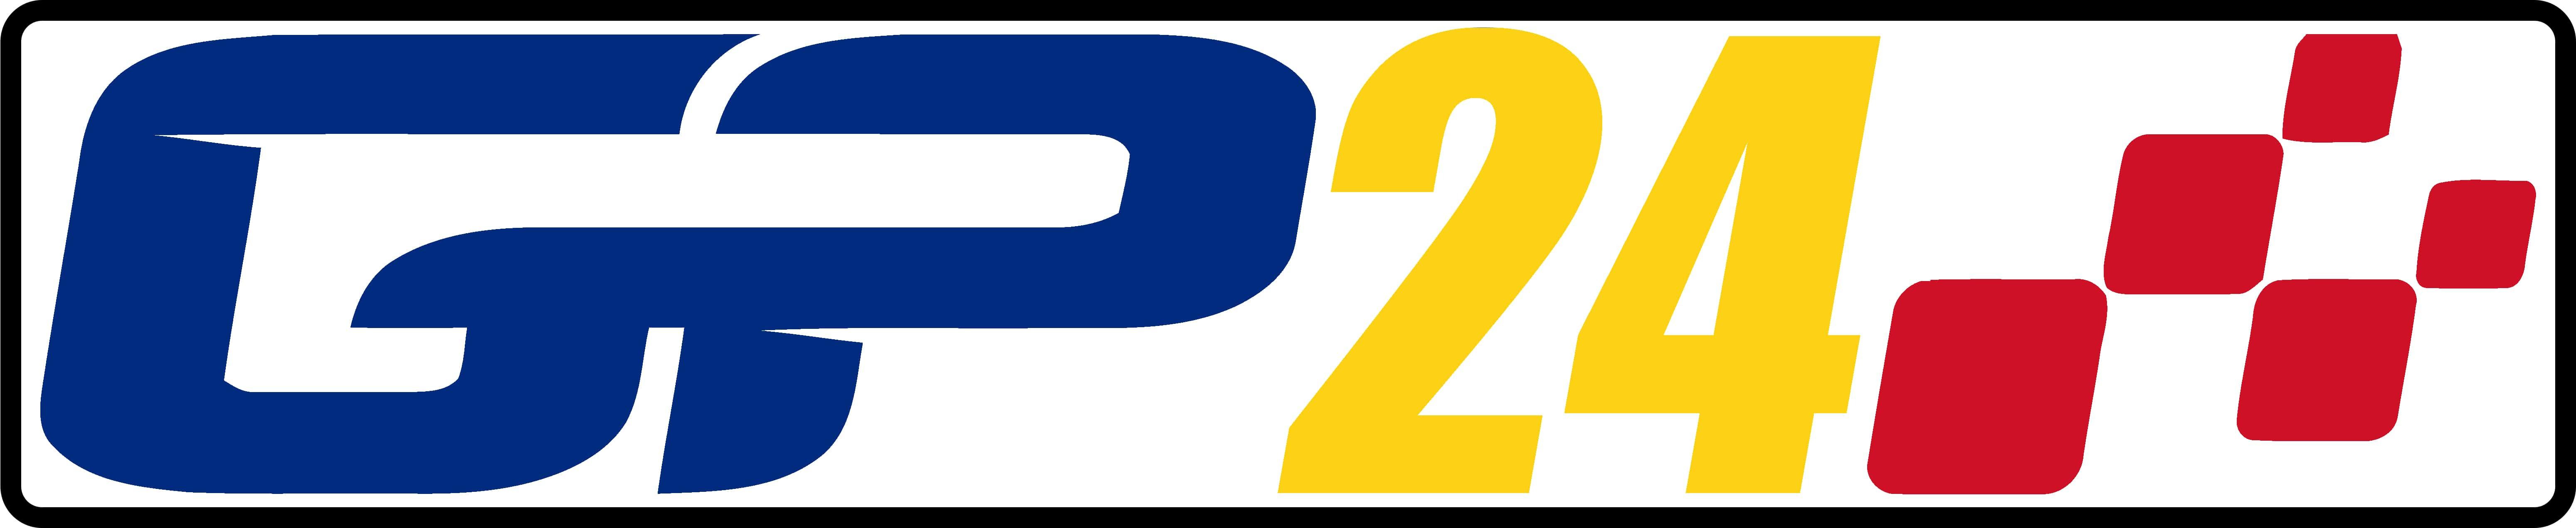 Stiri Motorsports & F1 / 24/7 Motorsports & F1 News